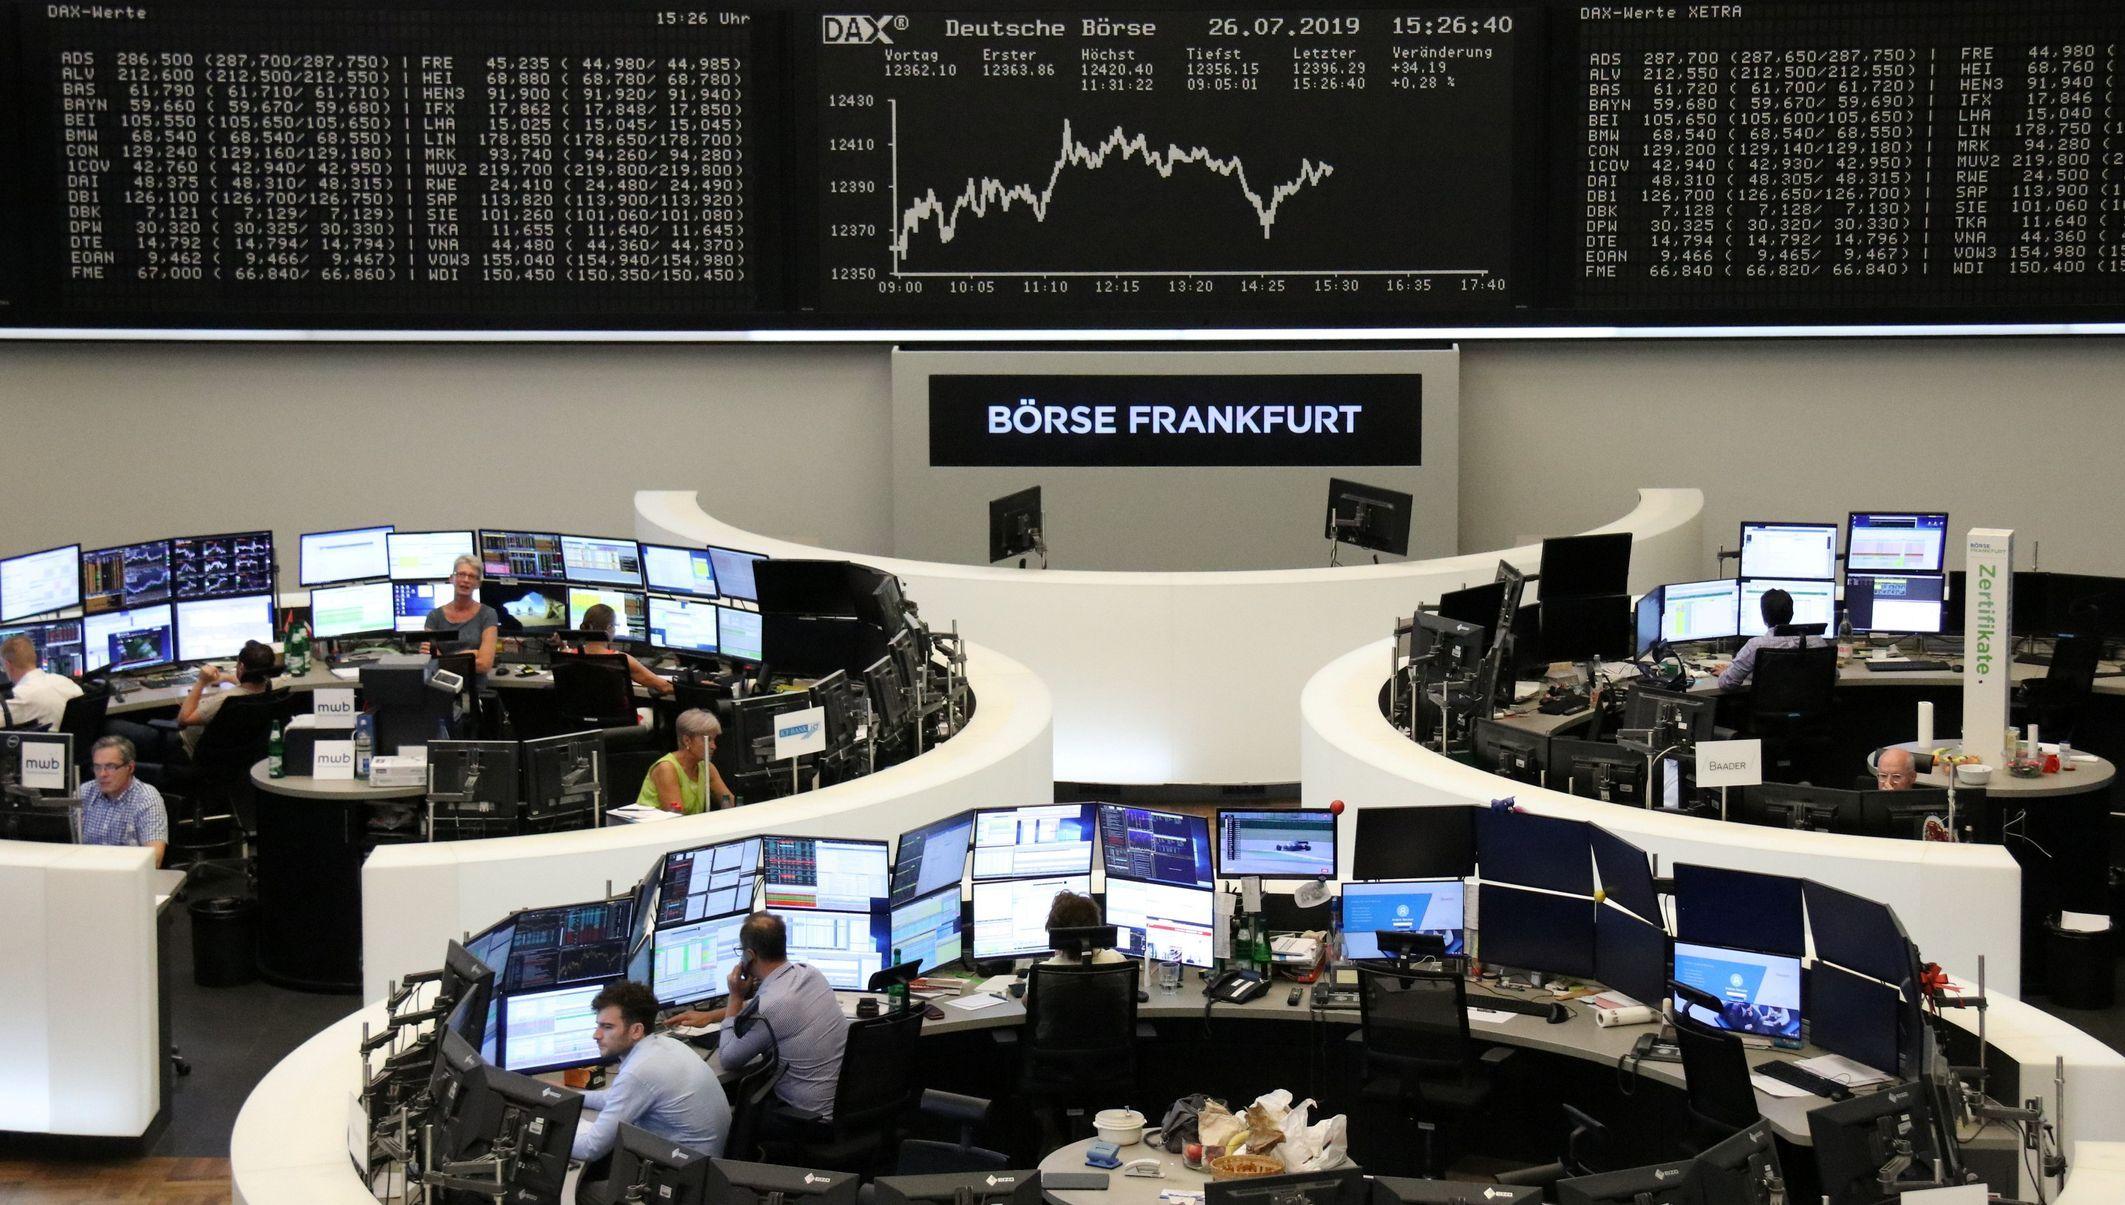 Pro Německo klopýtnutí, pro Česko hluboká krize. Příští rok bude hůř, varují firmy